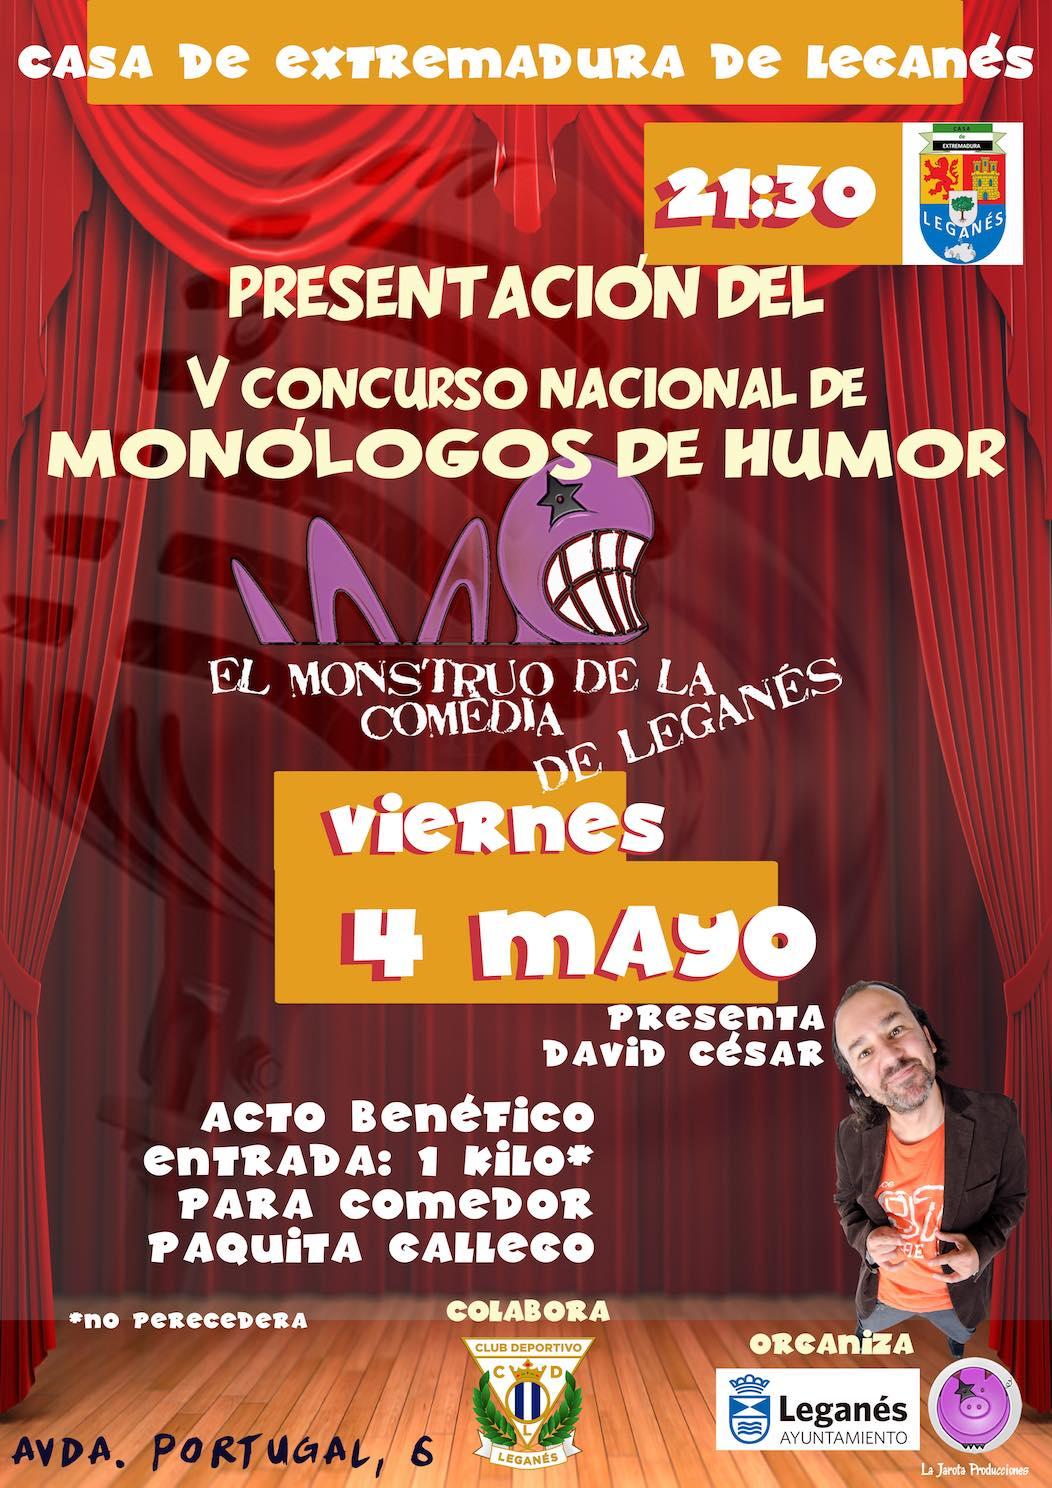 Presentación de El Monstruo de la Comedia - V de Leganés